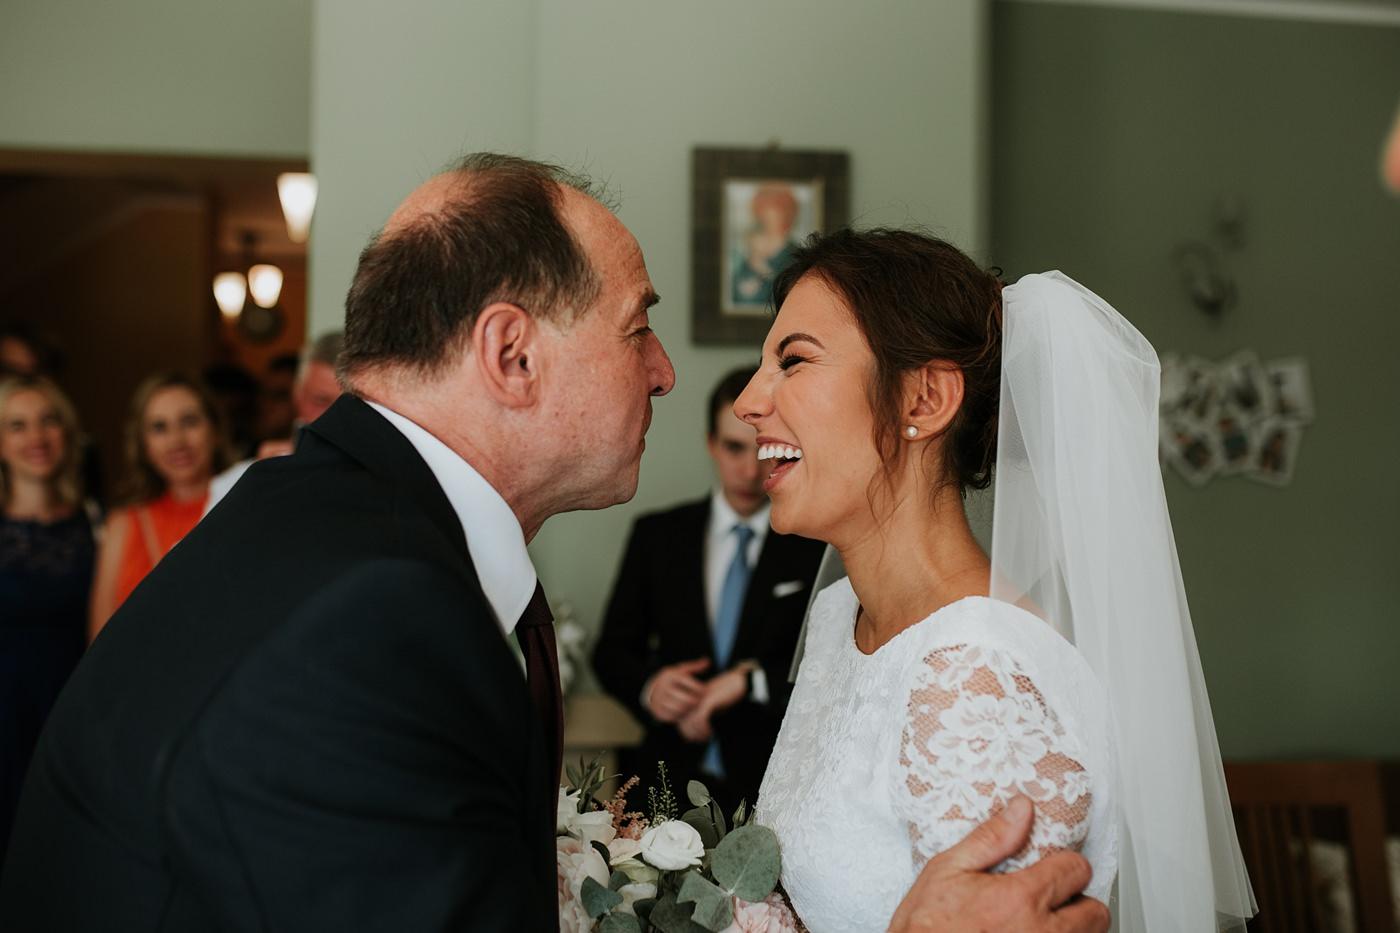 Dominika & Aleksander - Rustykalne wesele w stodole - Baborówko 30